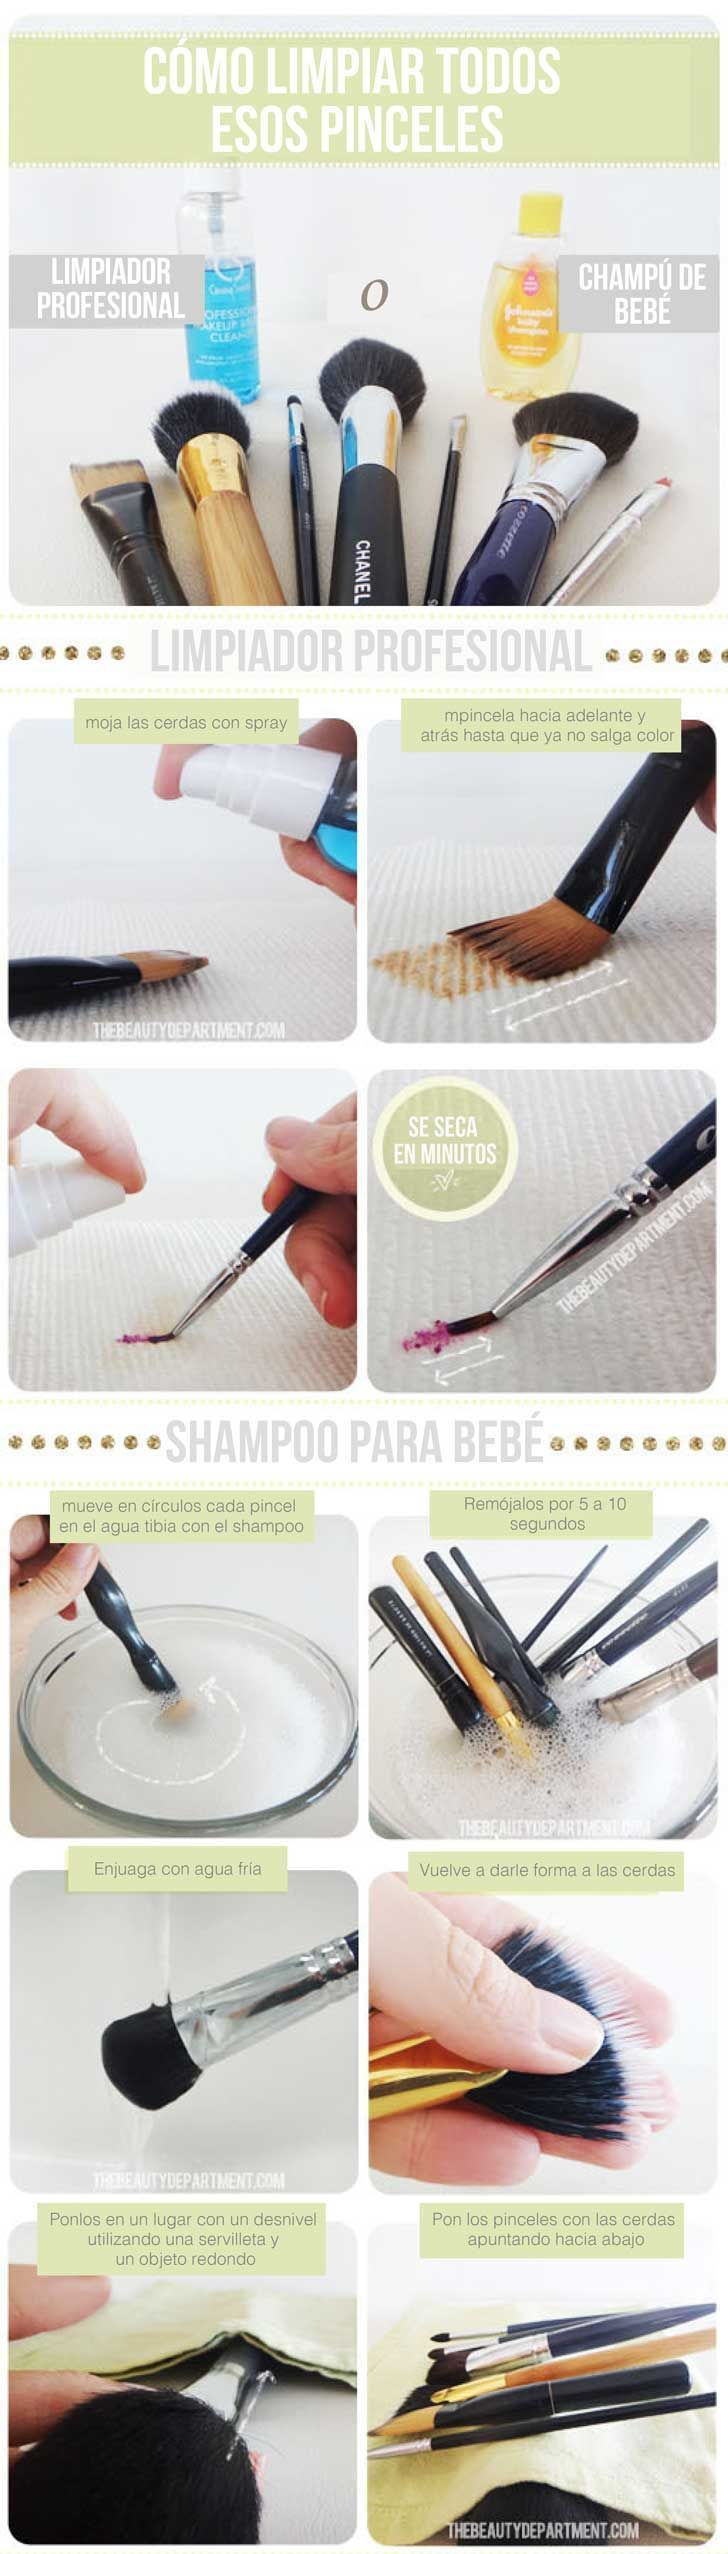 4 consejos para aprovechar tus herramientas de maquillaje